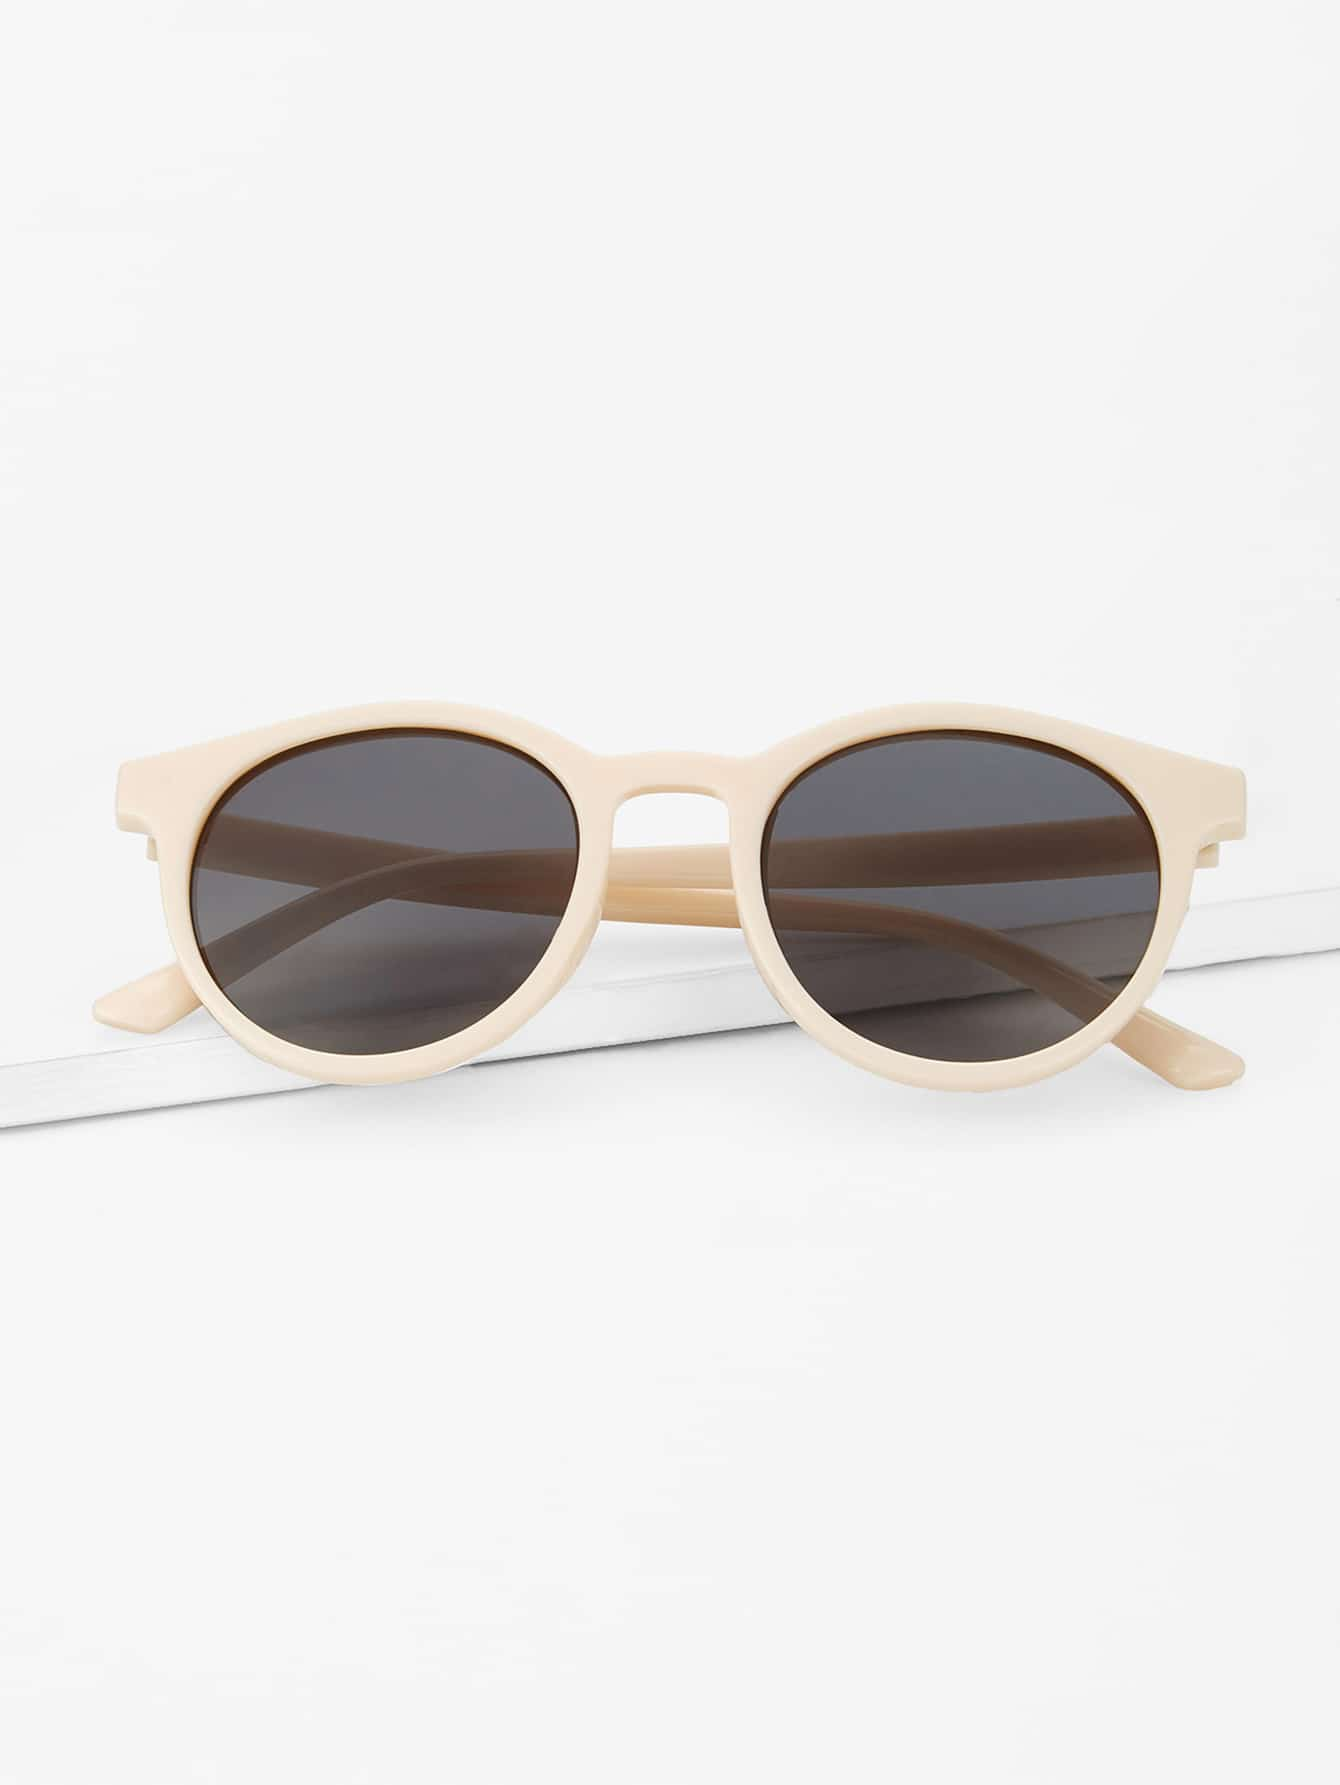 Купить Солнцезащитные очки с простыми оправами, null, SheIn